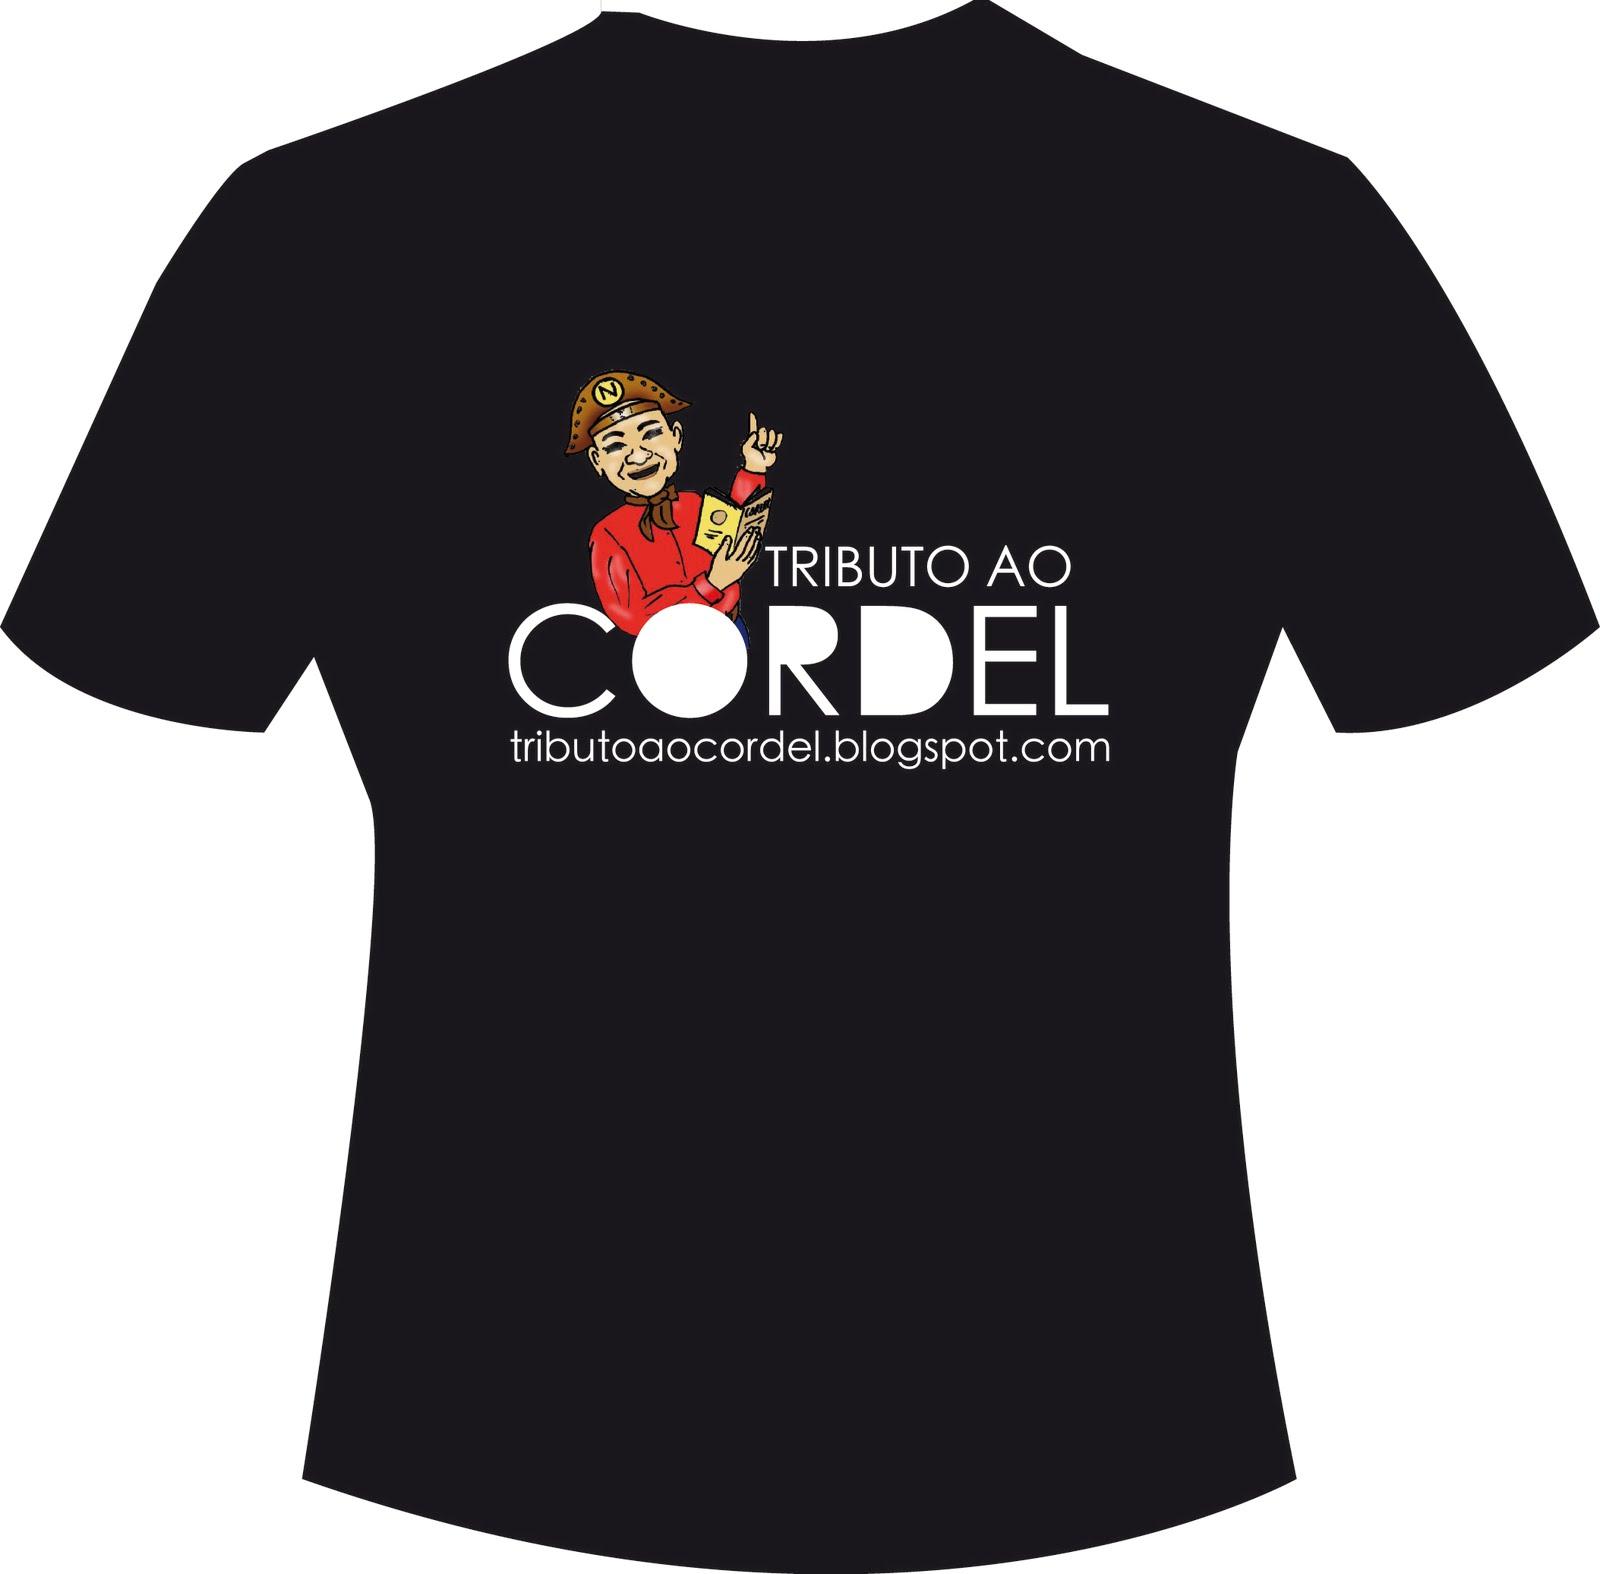 Tributo ao Cordel  2010 1eb0f94760a48